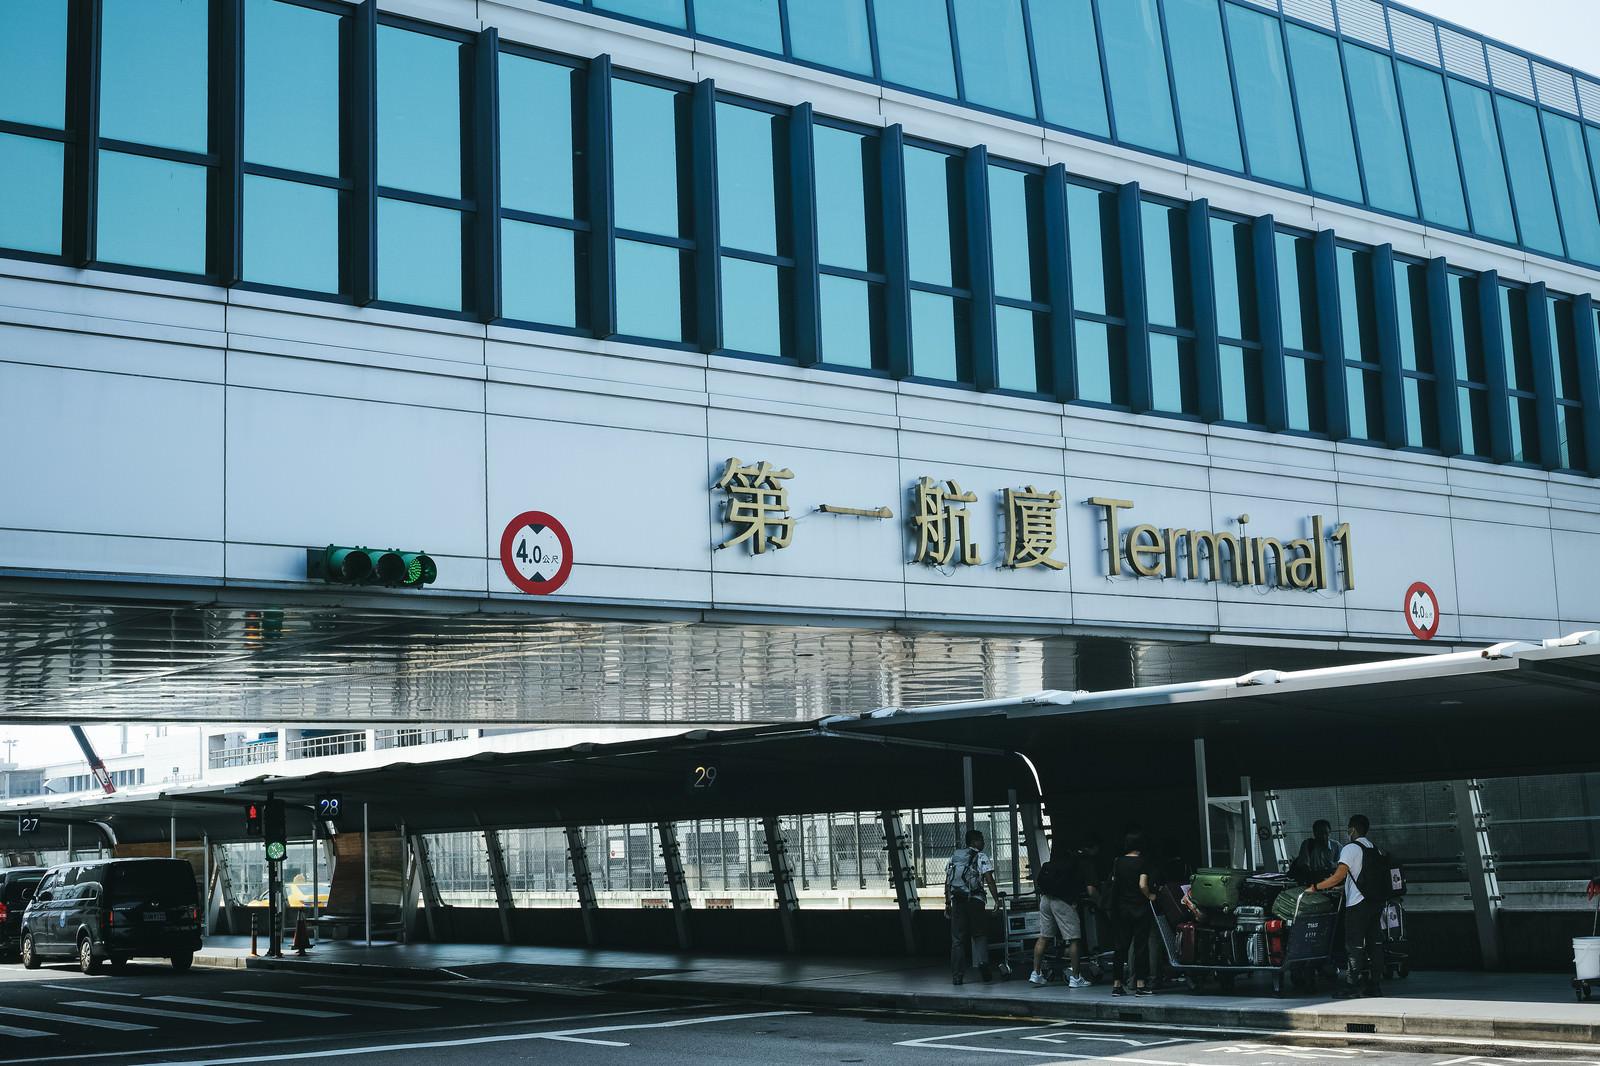 「台湾桃園国際空港の停留所」の写真